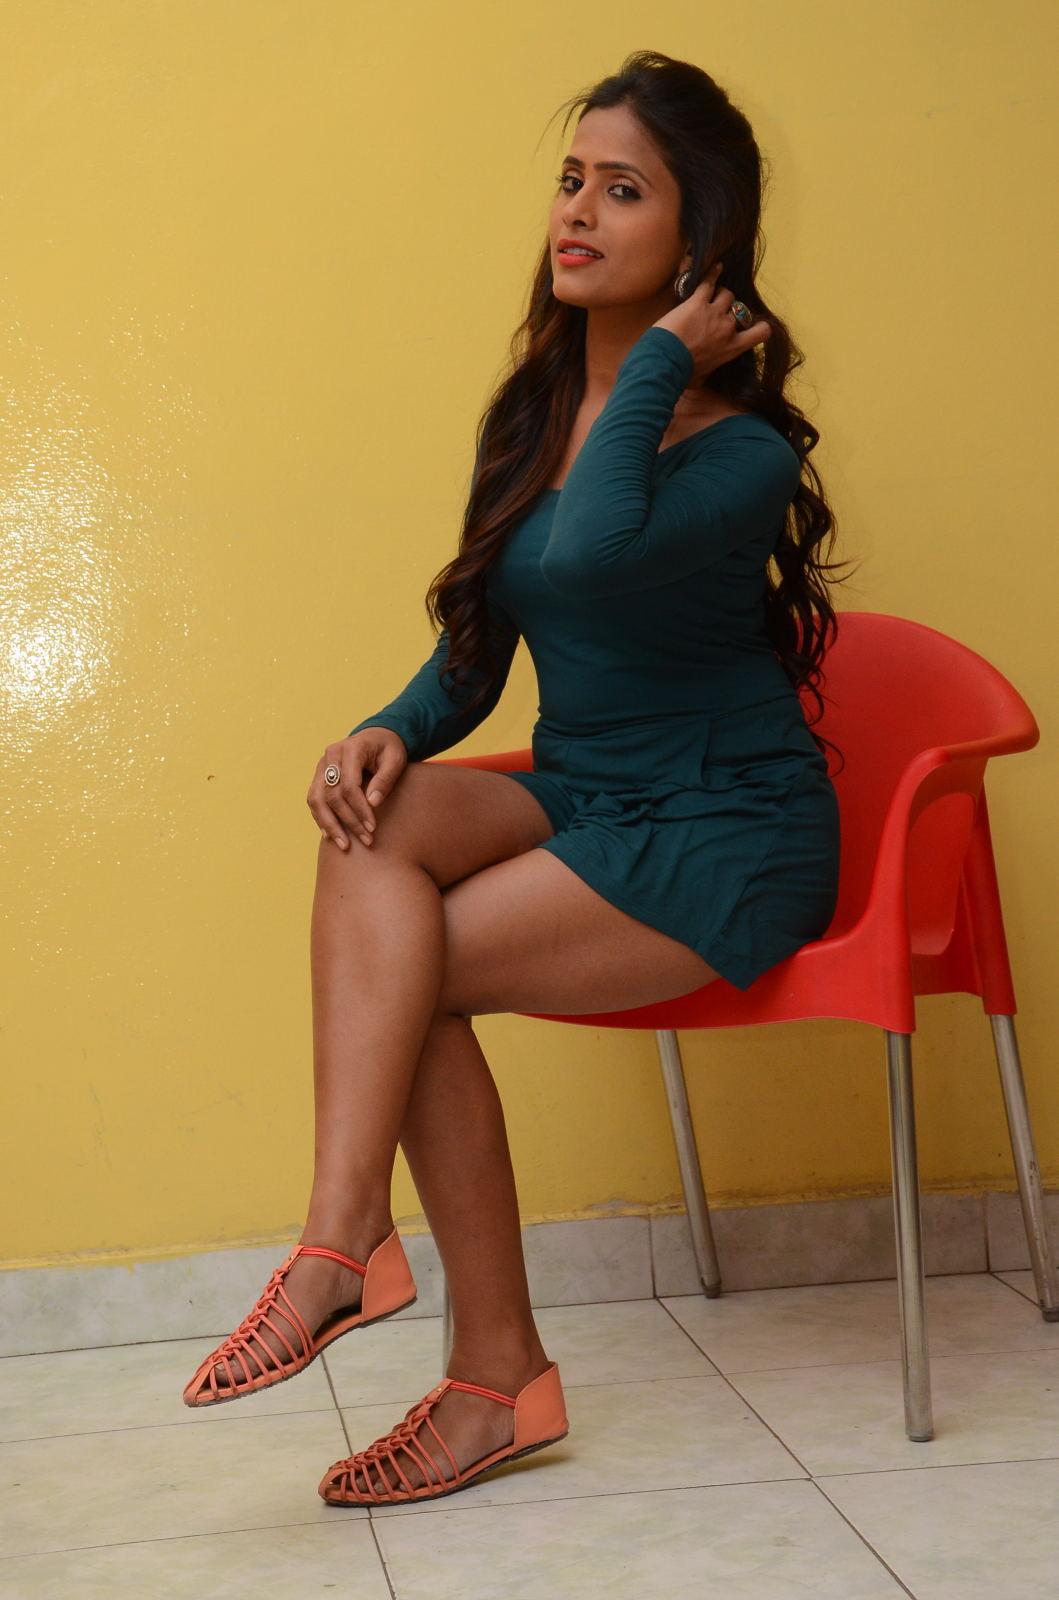 prashanthi Super Hot Prashanthi In Sexy Outfit | Indian Cinema | Models | Actresses Prashanthi Hot Photo Stills 133